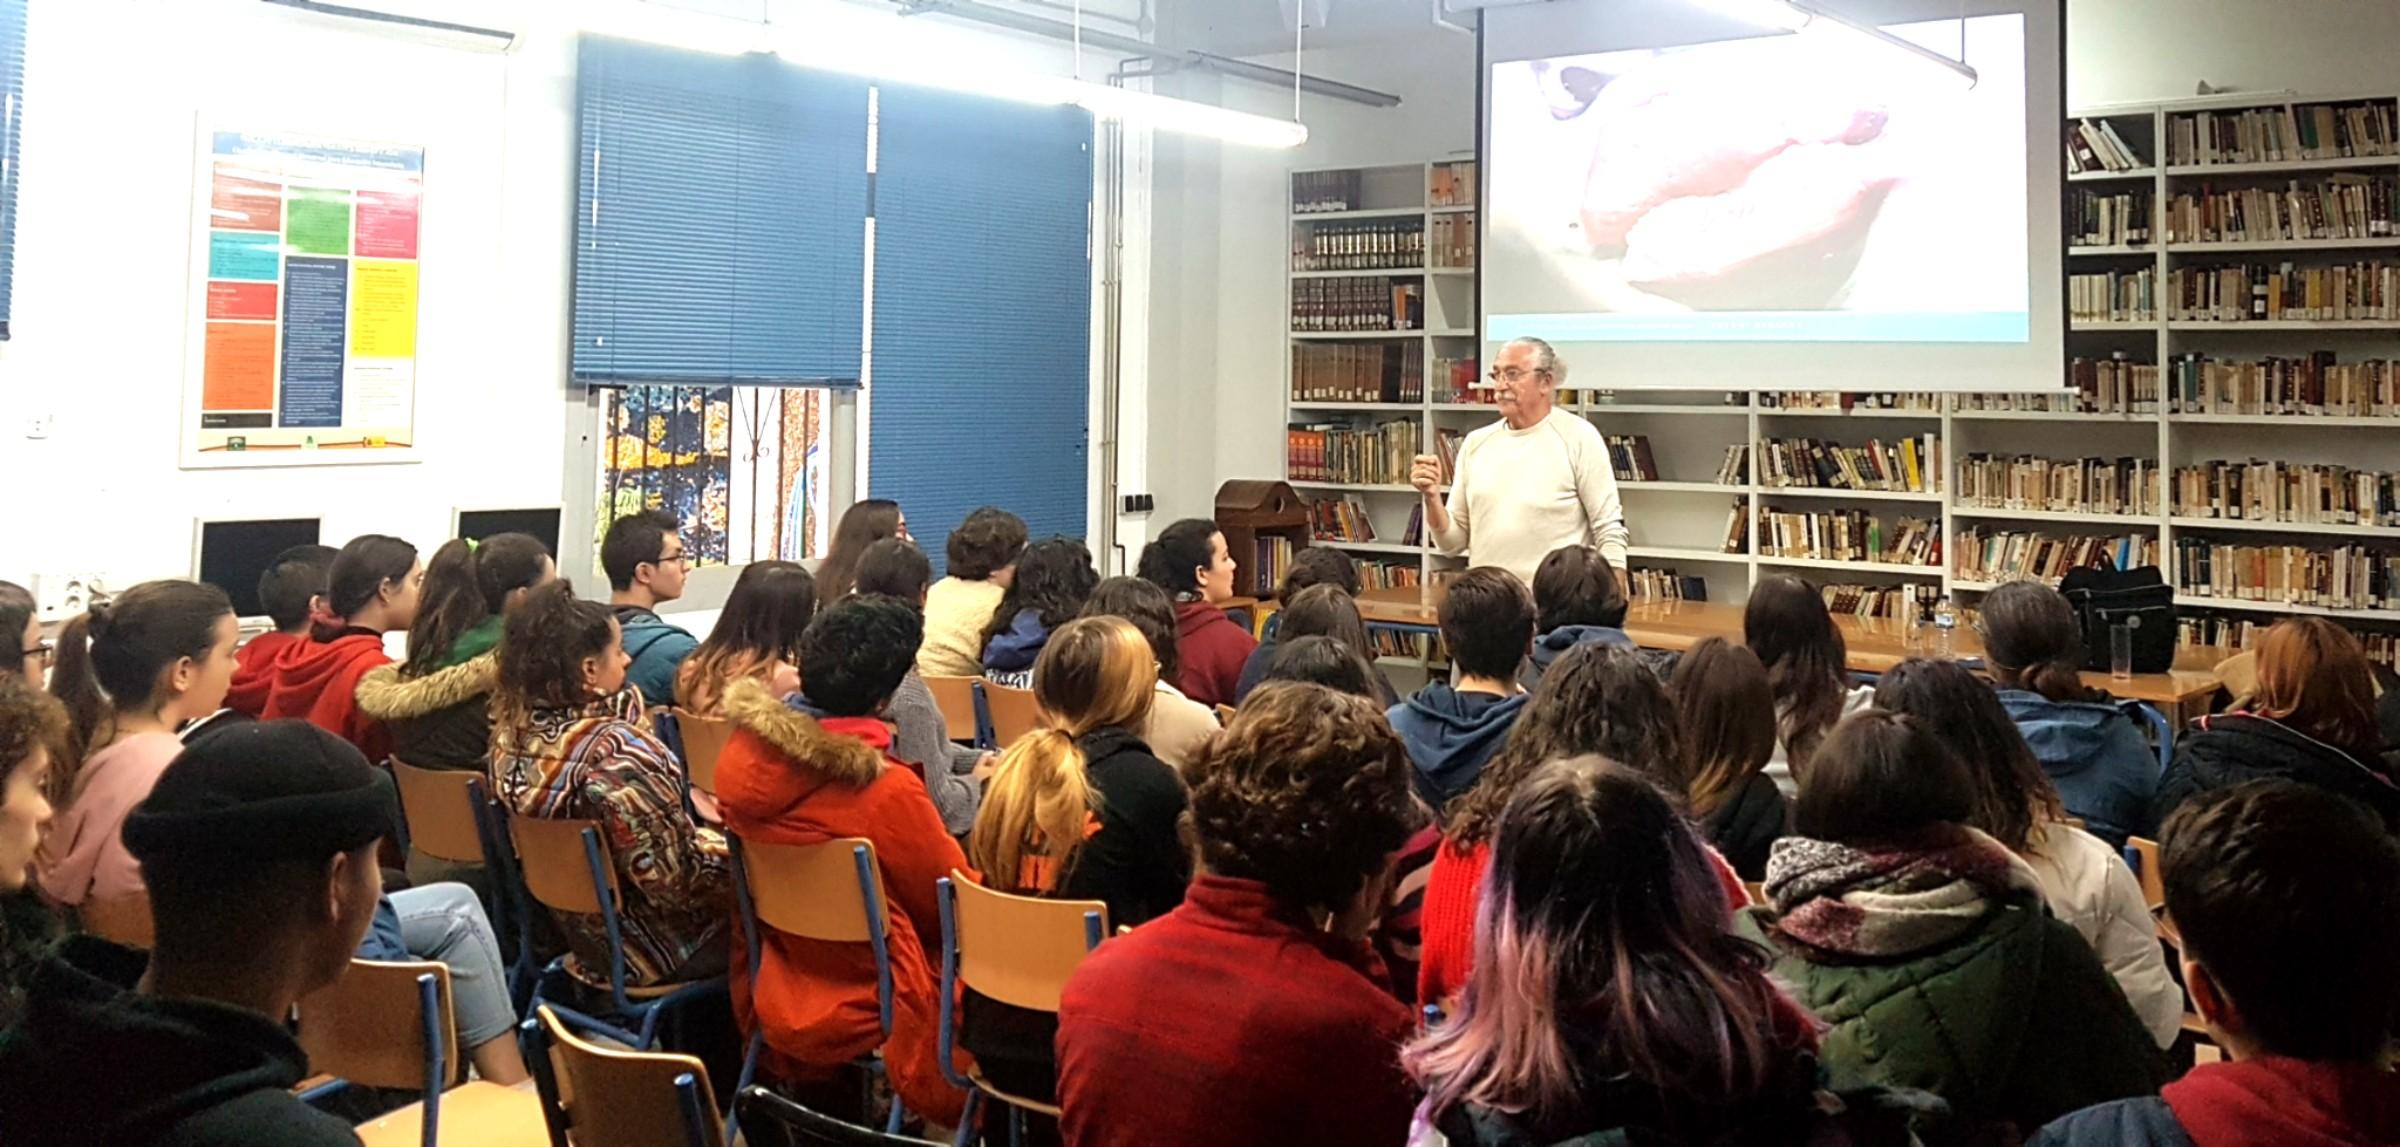 Imagen de la noticia: El artista Antoni Gabarre imparte una charla sobre creatividad y muralismo [Actualizado]